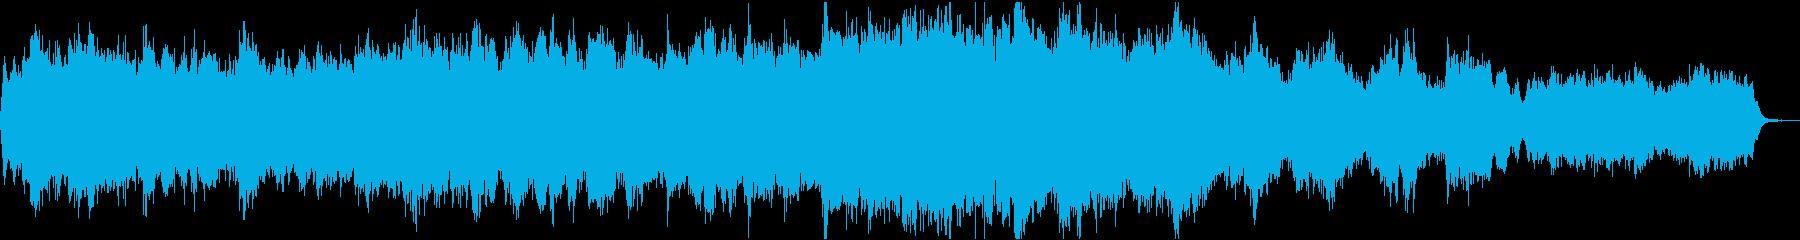 ワーグナーのマイスタージンガーよりの再生済みの波形